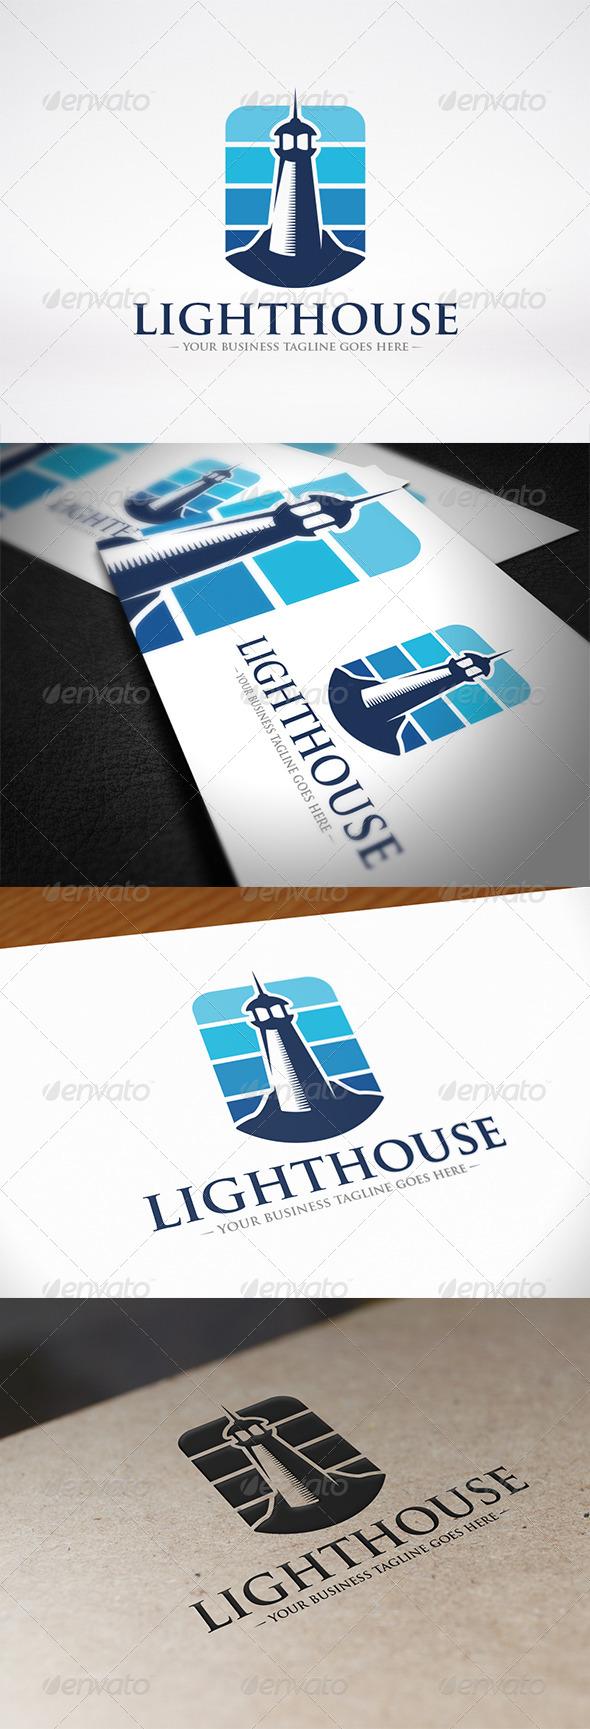 Lighthouse Logo Identity